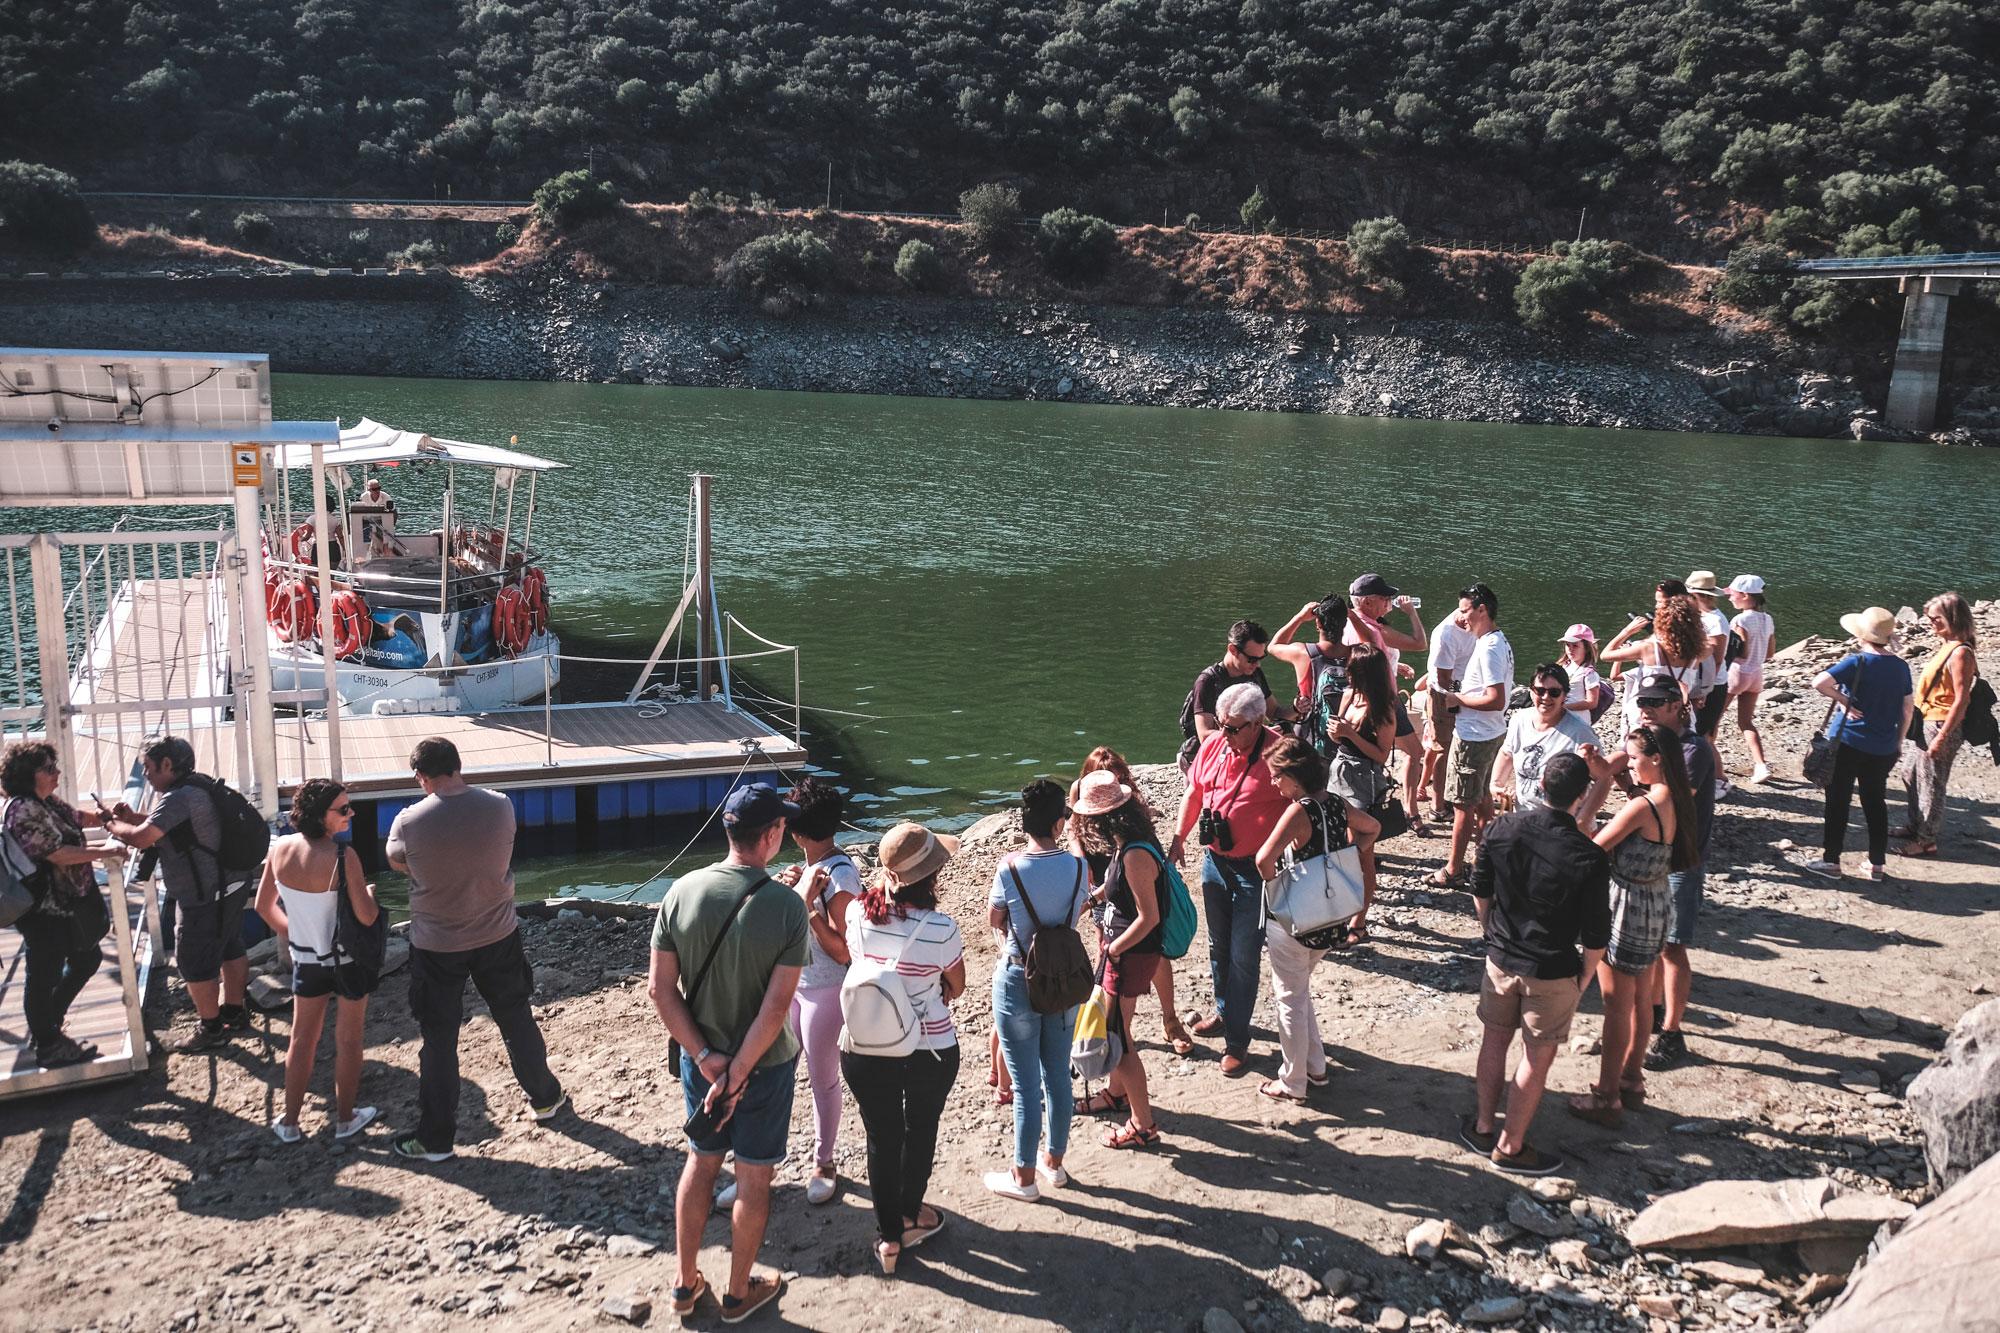 La gente espera en el embarcadero a que la tripulación termine de preparar el barco.